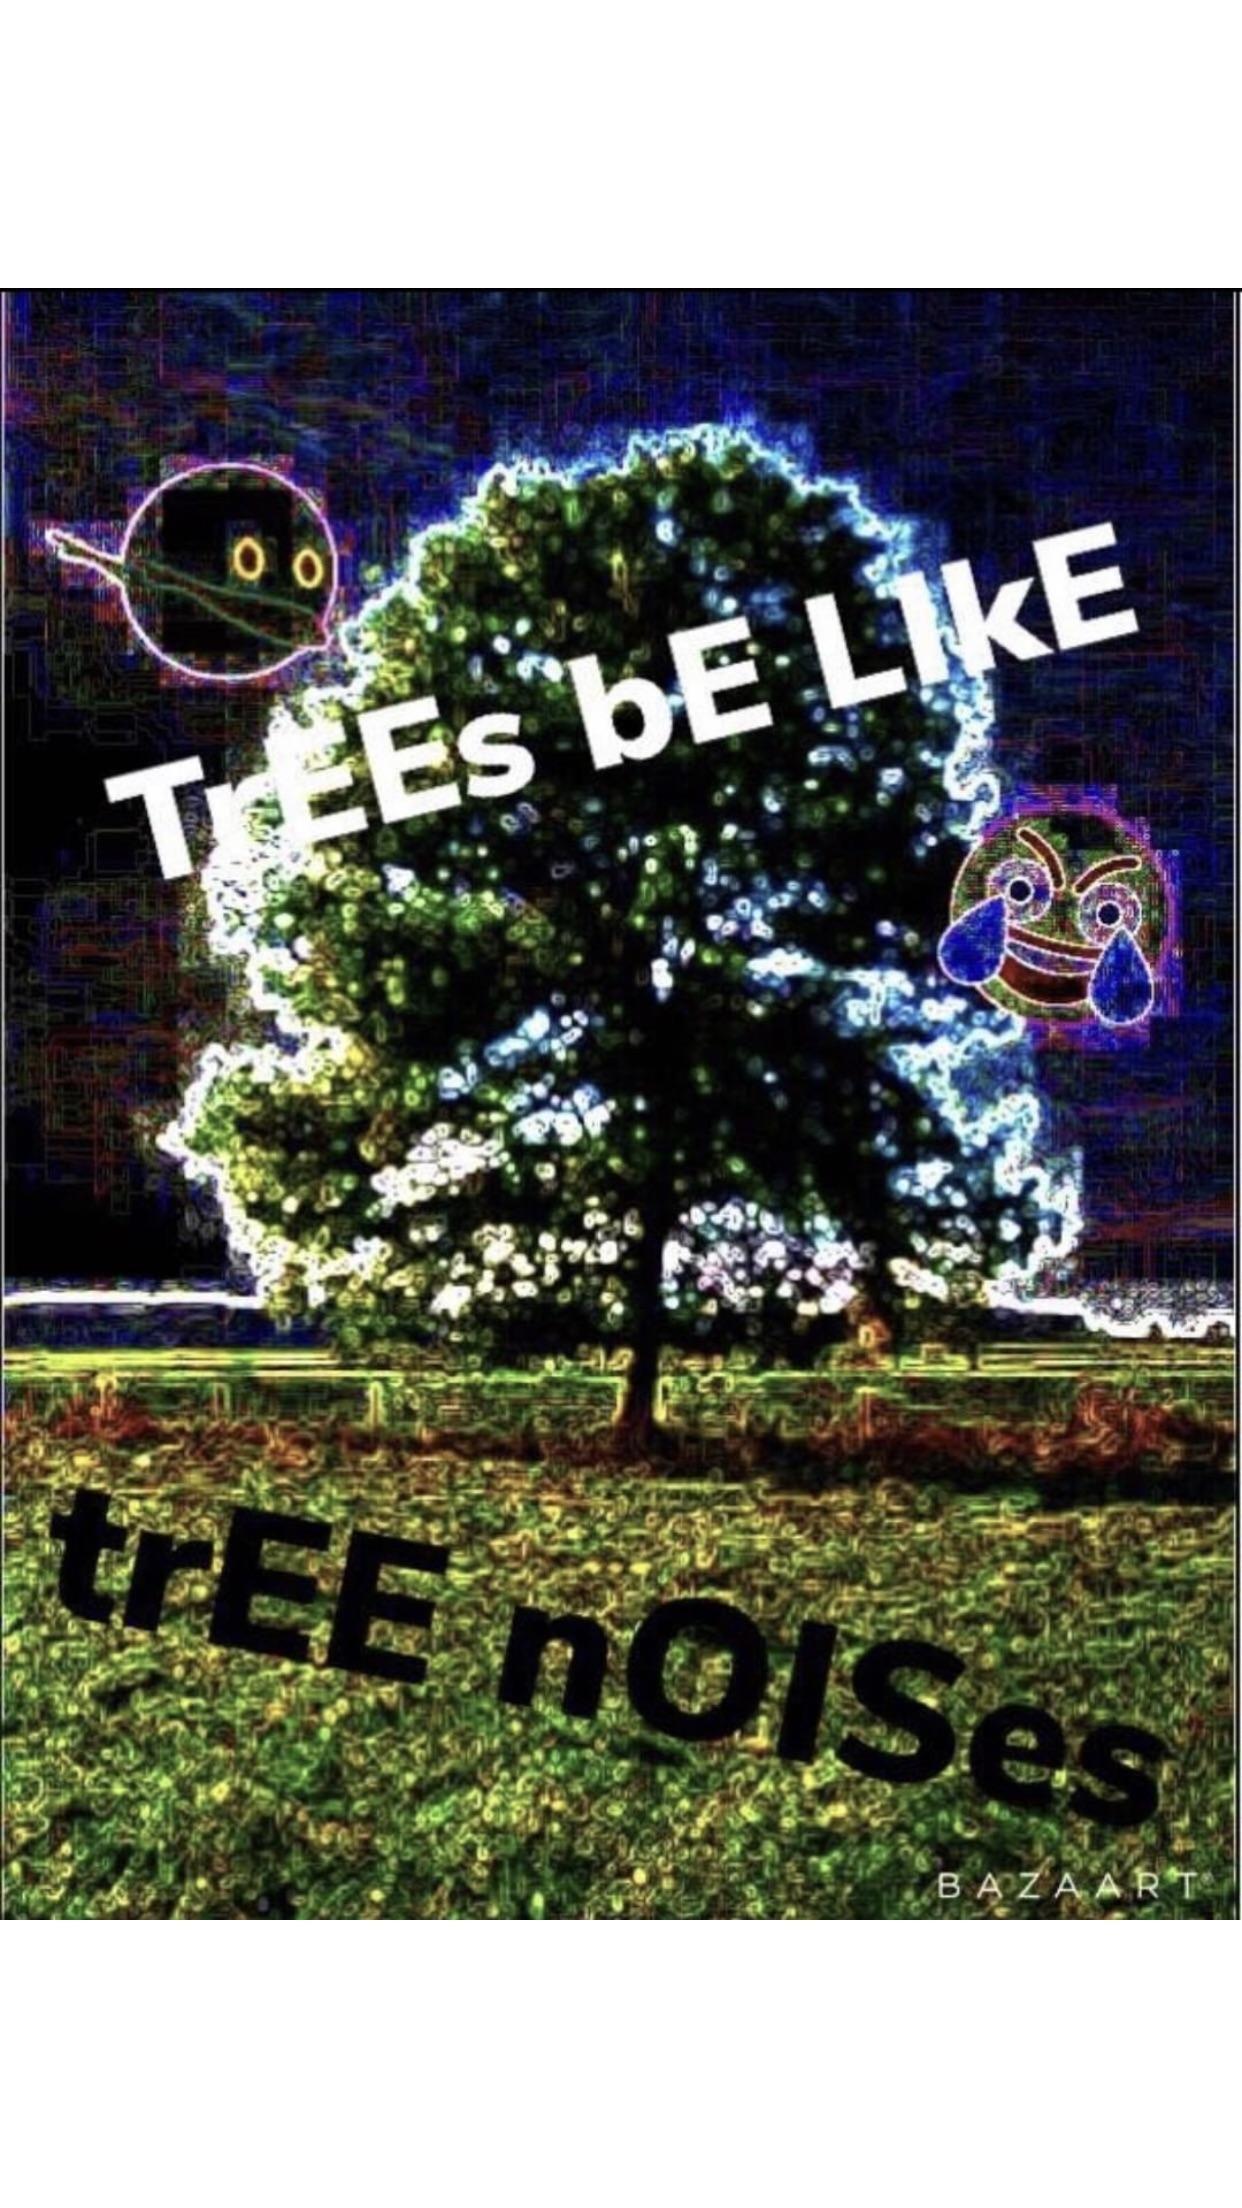 Pin By Skya Coll On Hmm Dankest Memes Memes Funny Memes